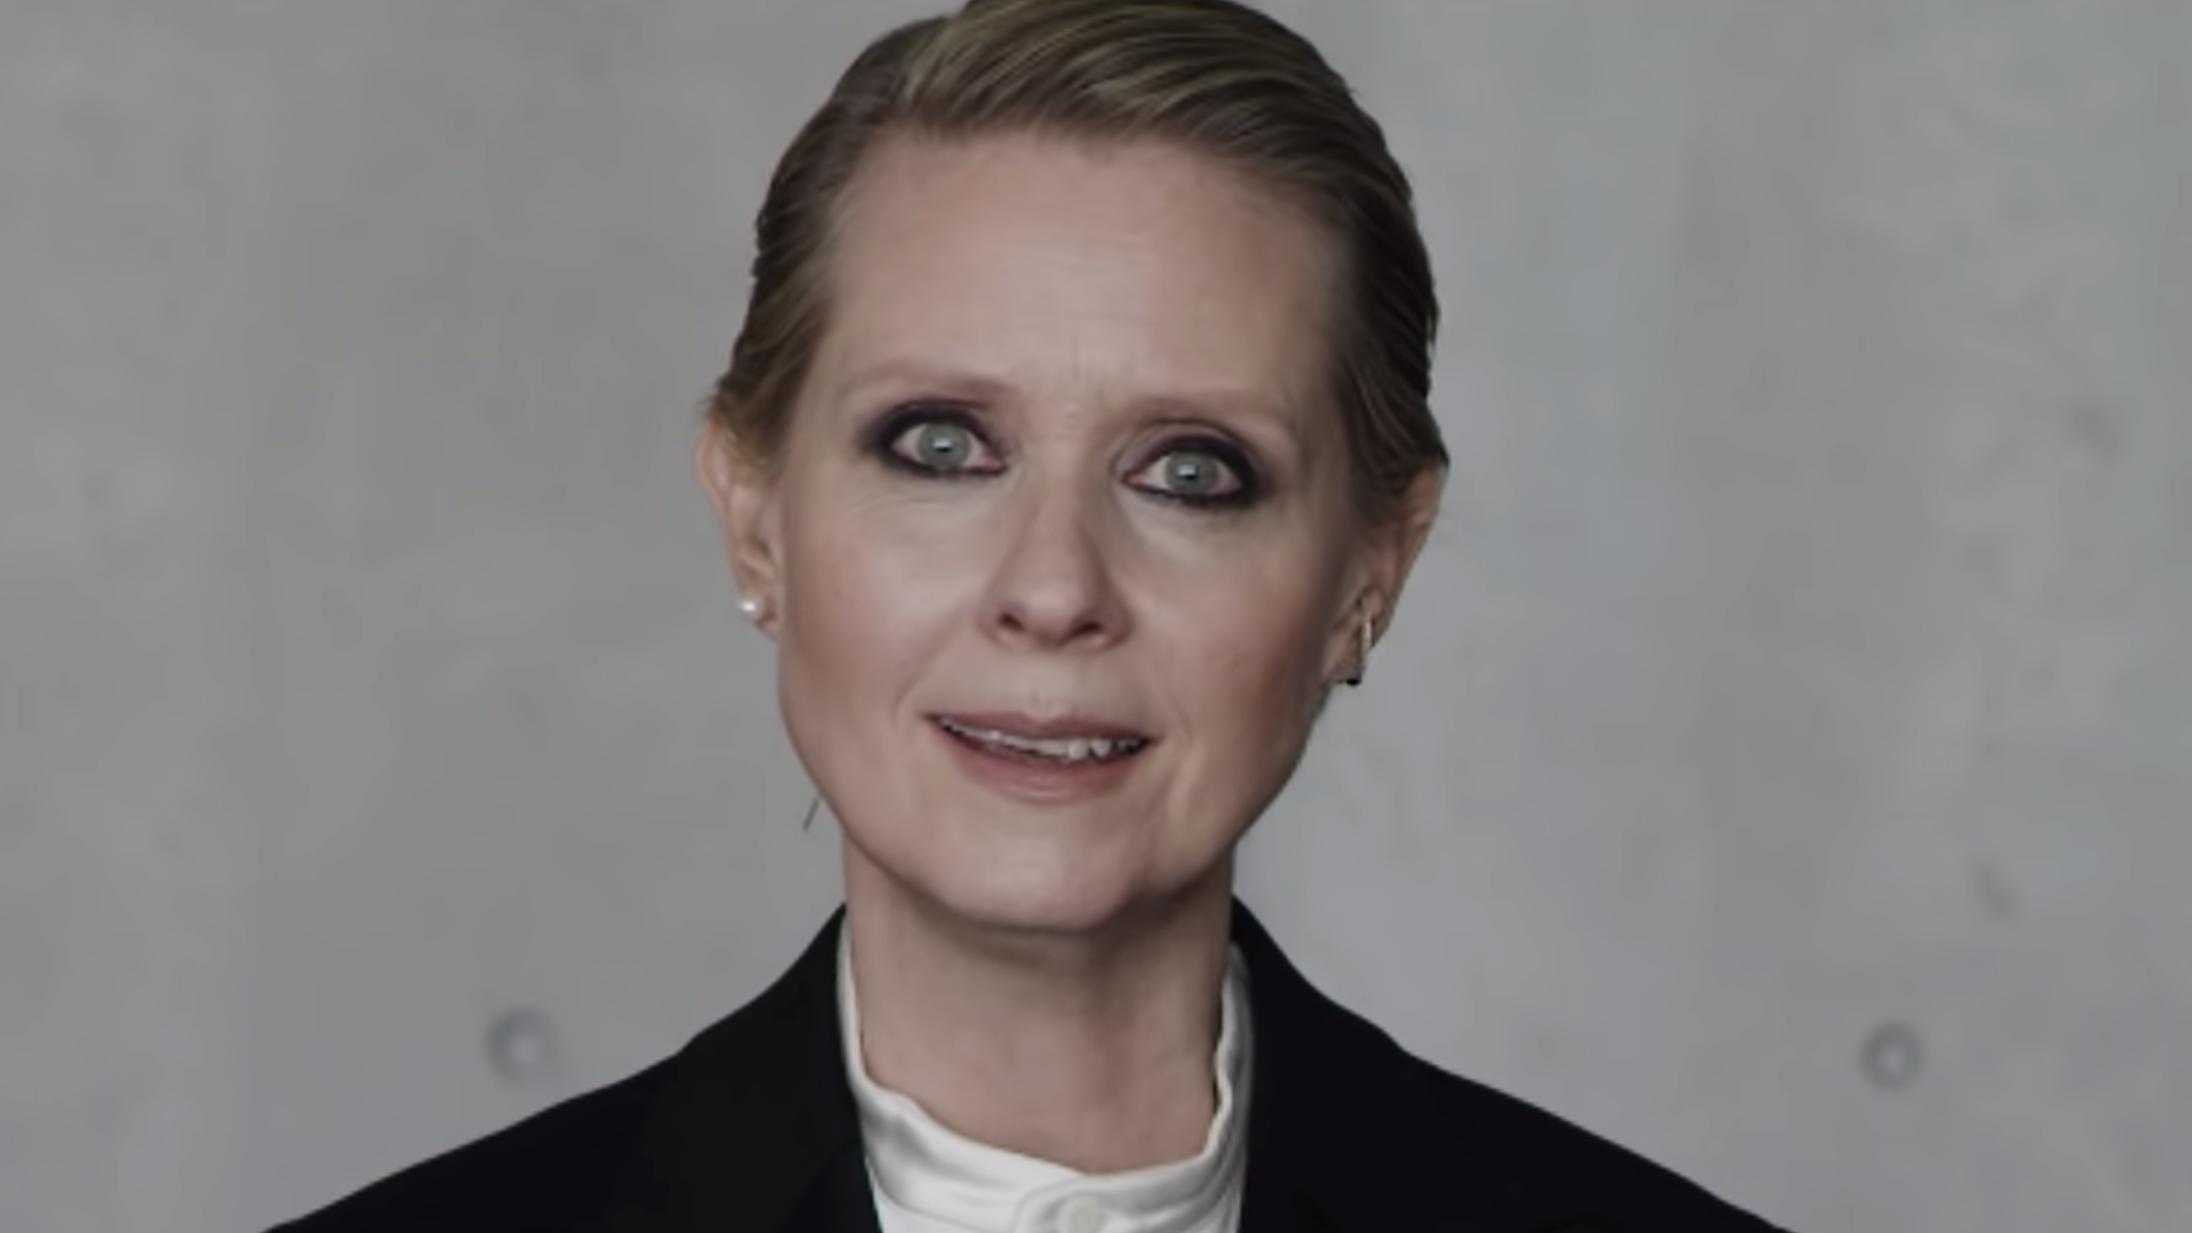 Se den gåsehudsfremkaldende Cynthia Nixon-video om »hvordan man er en kvinde«